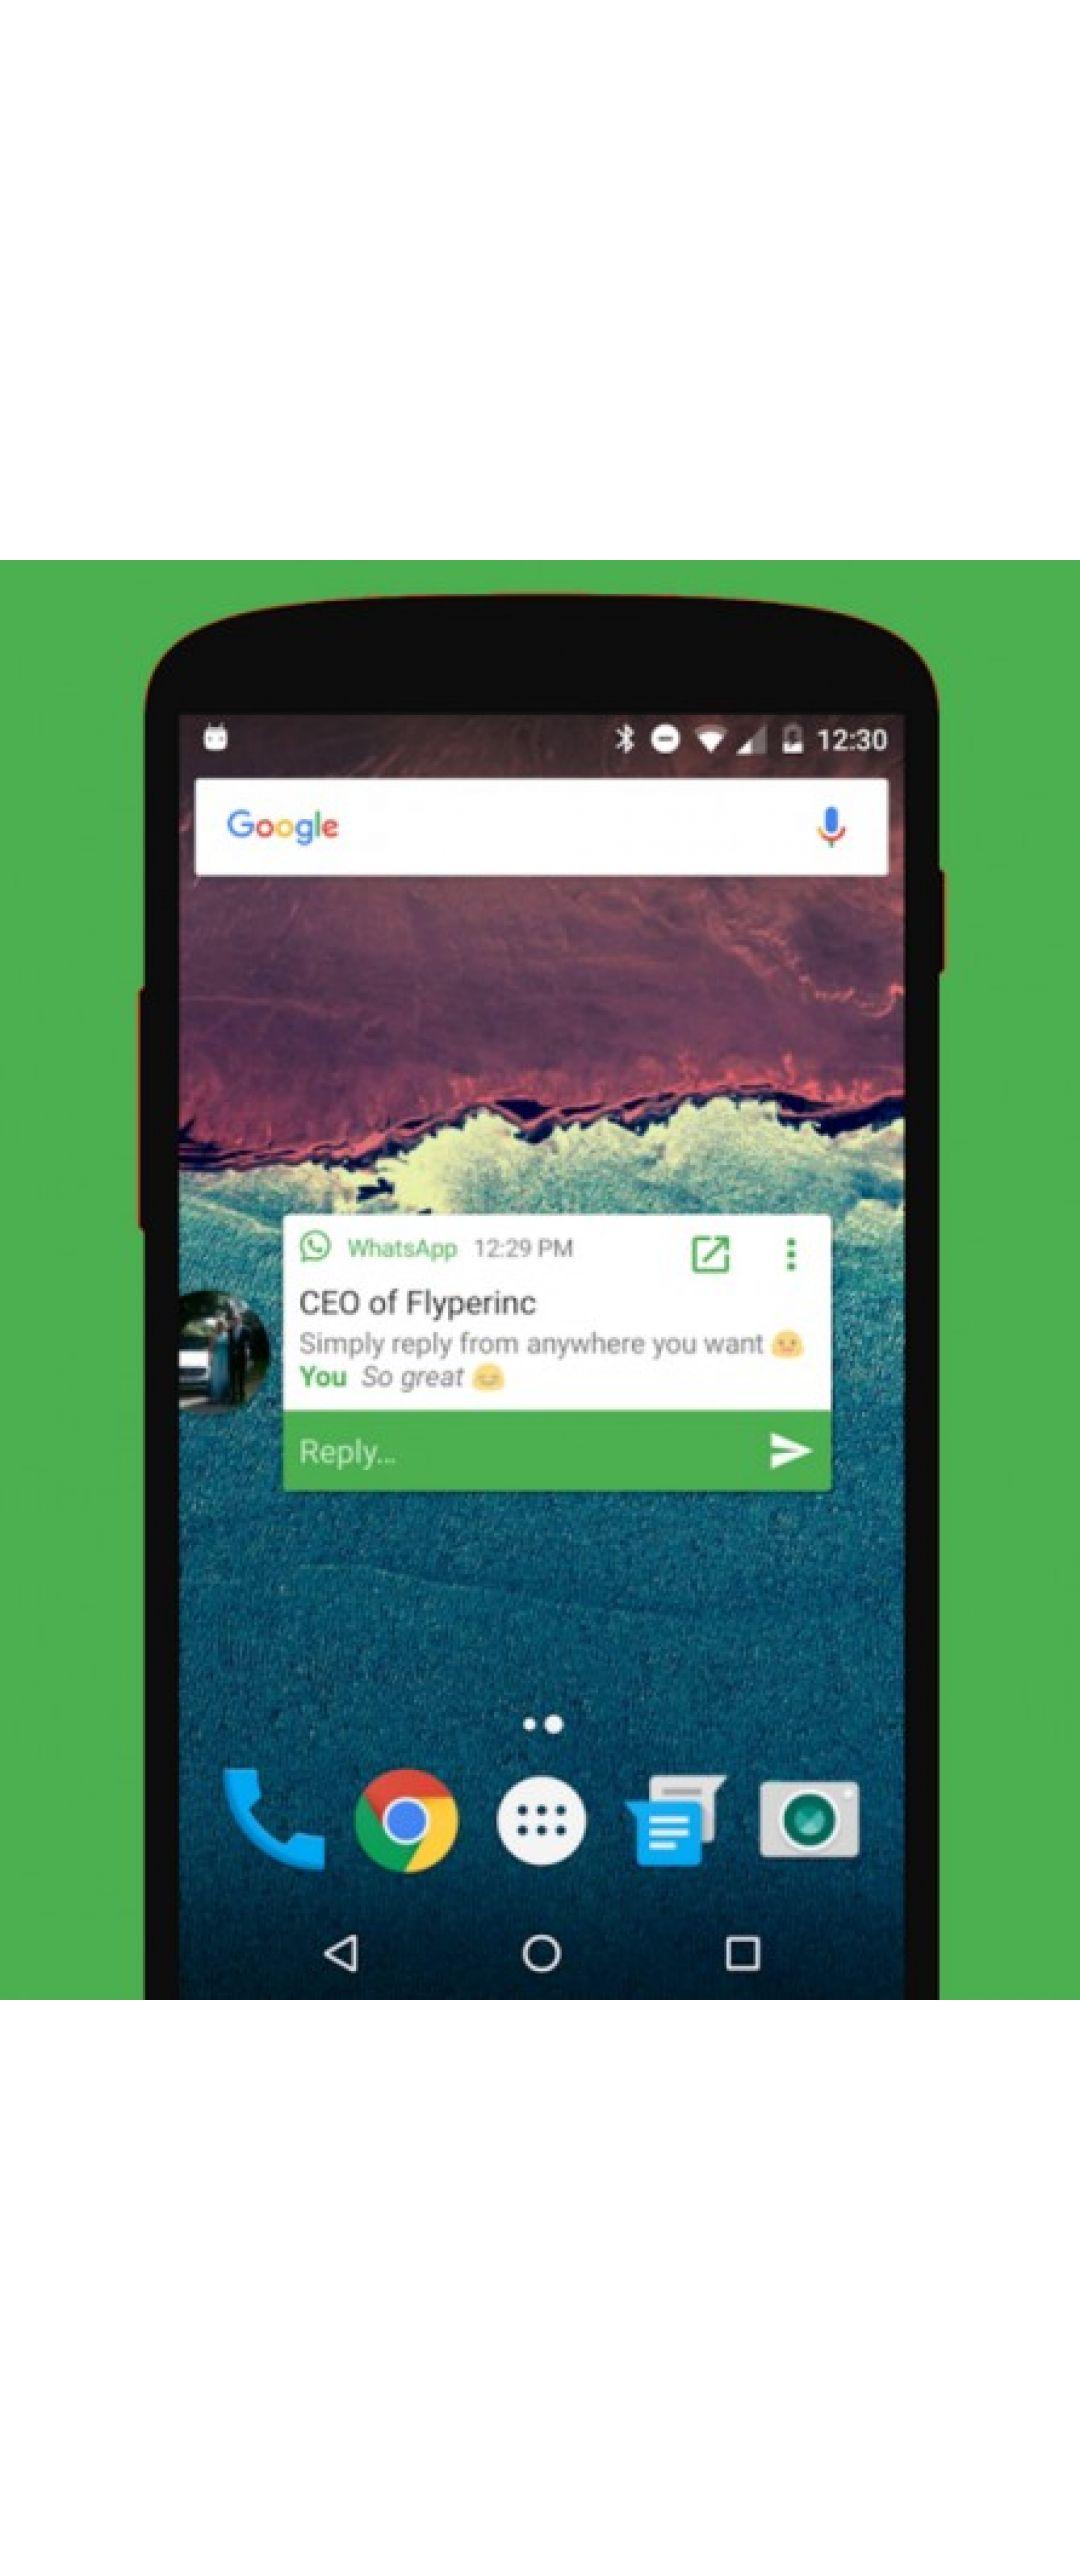 Notifly lleva las burbujas flotantes a WhatsApp en Android